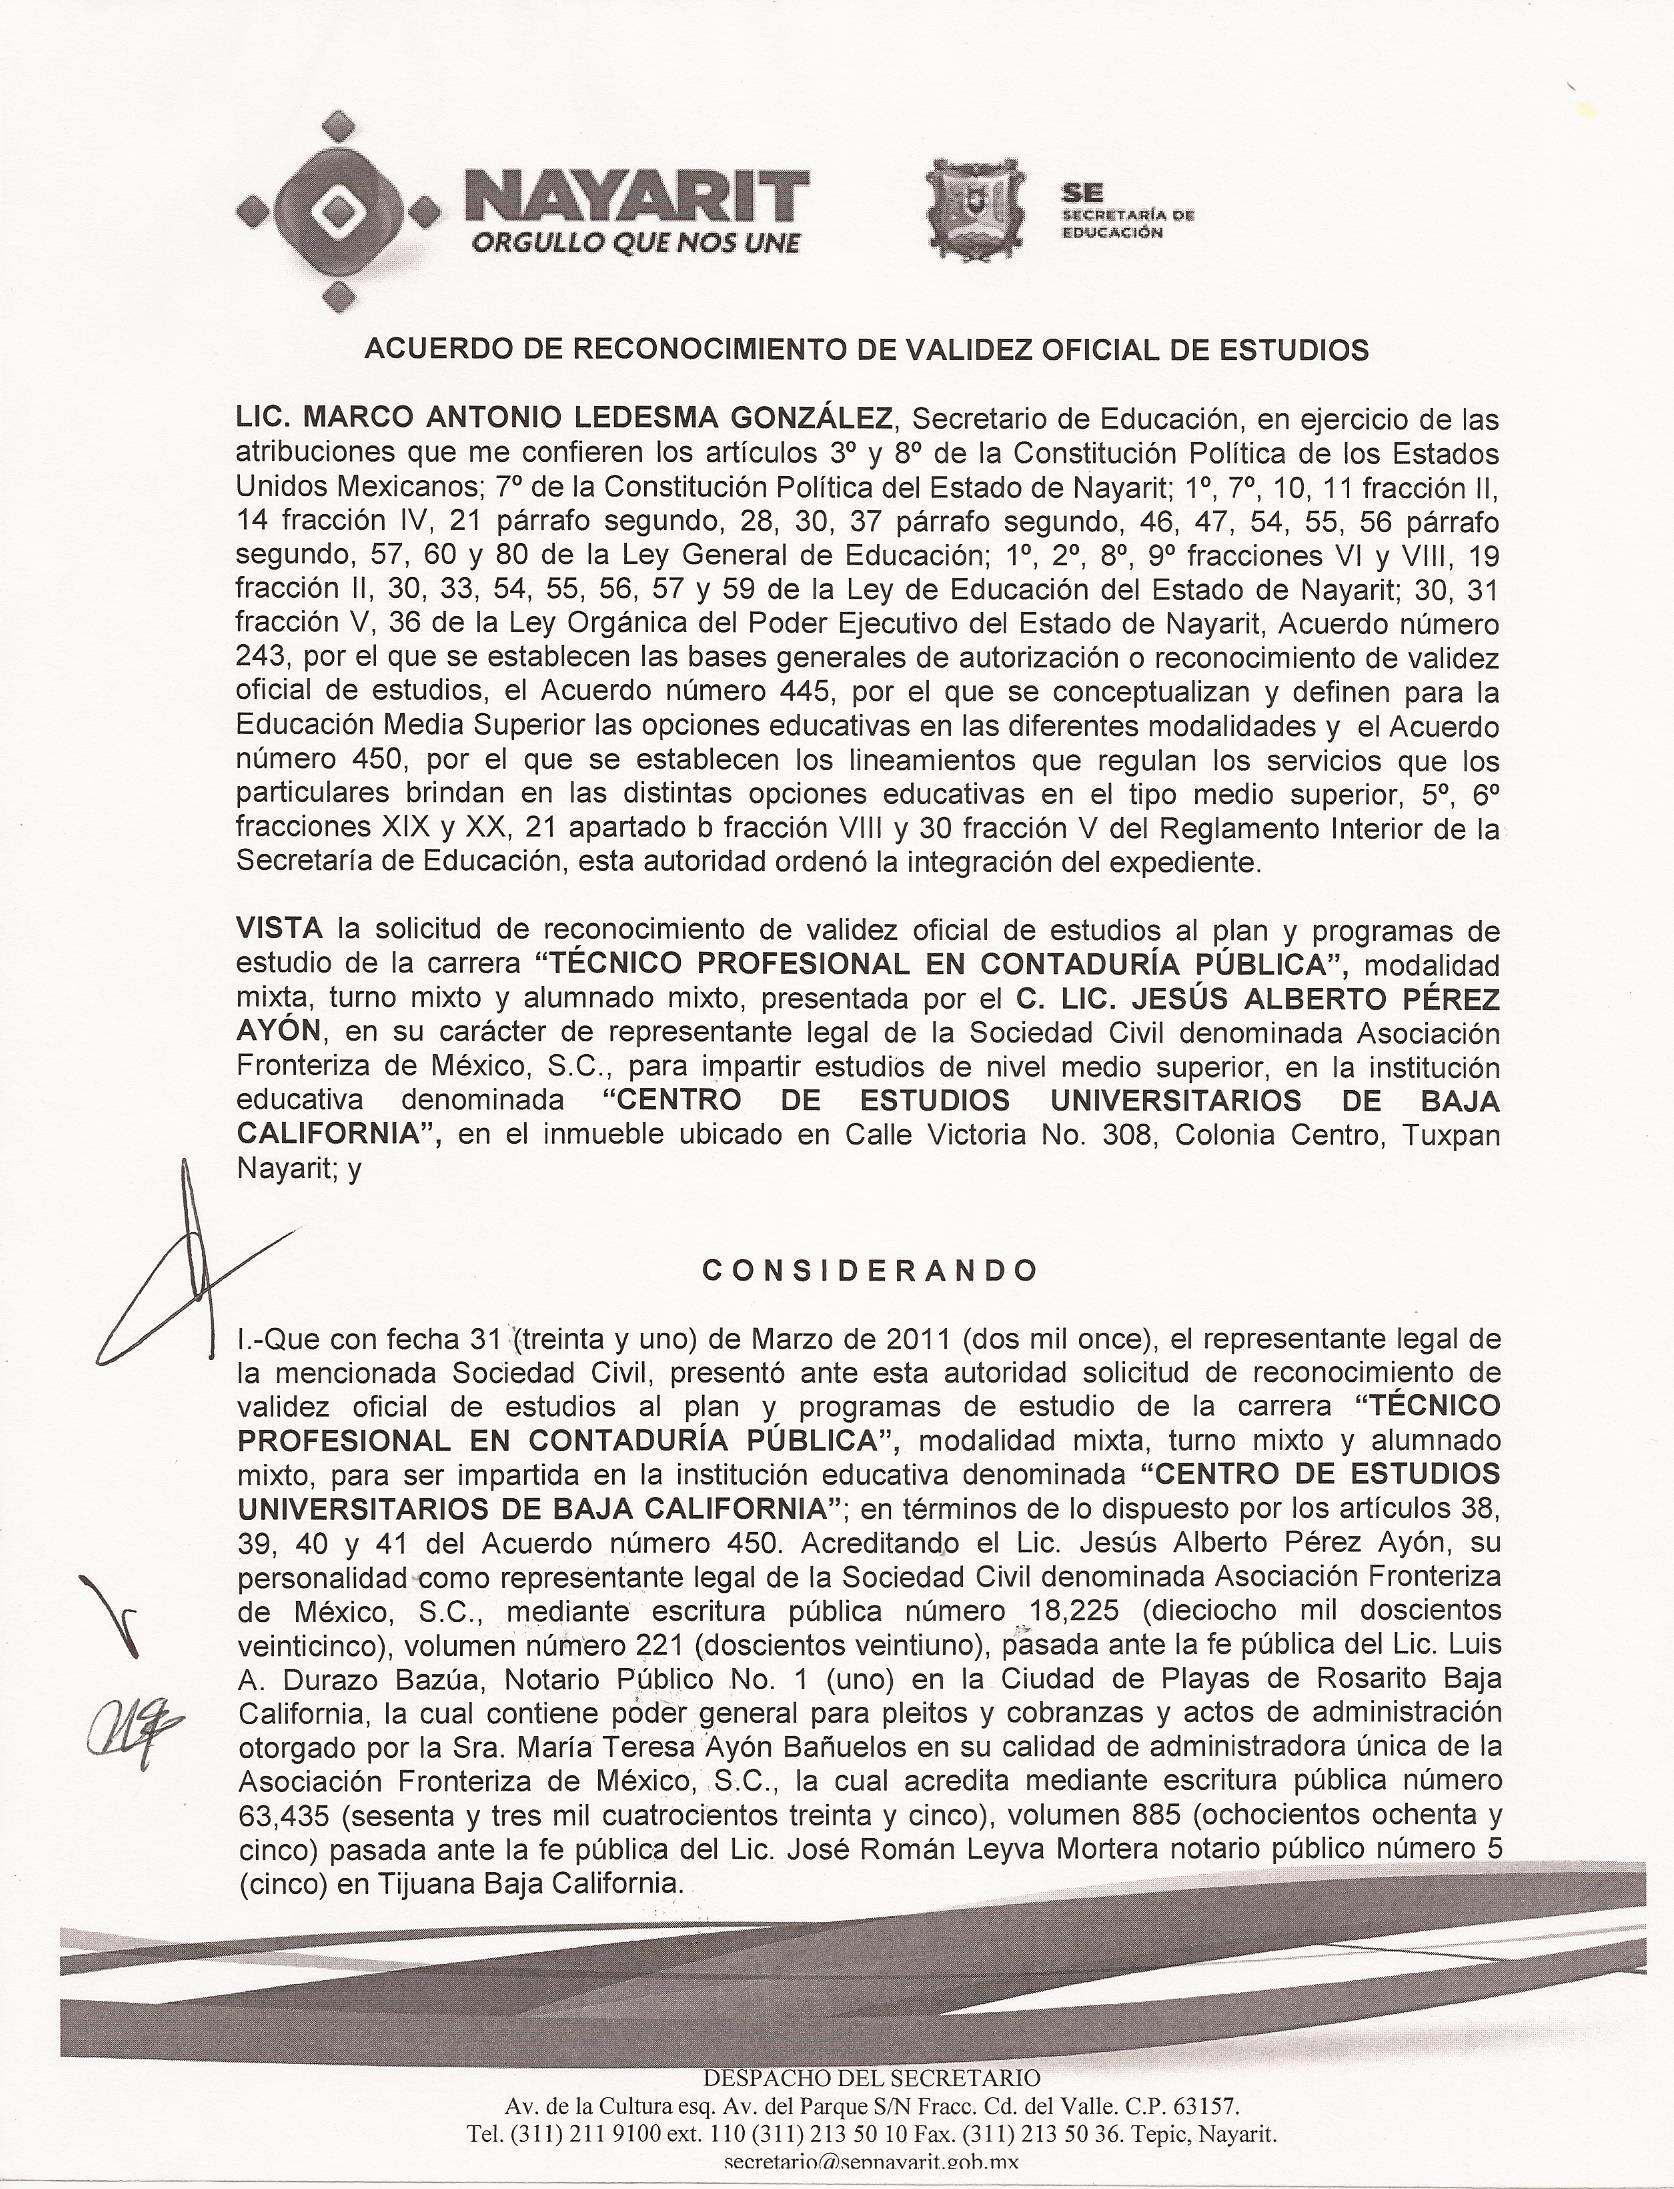 RVOE oficial: Técnico en Contaduría Pública